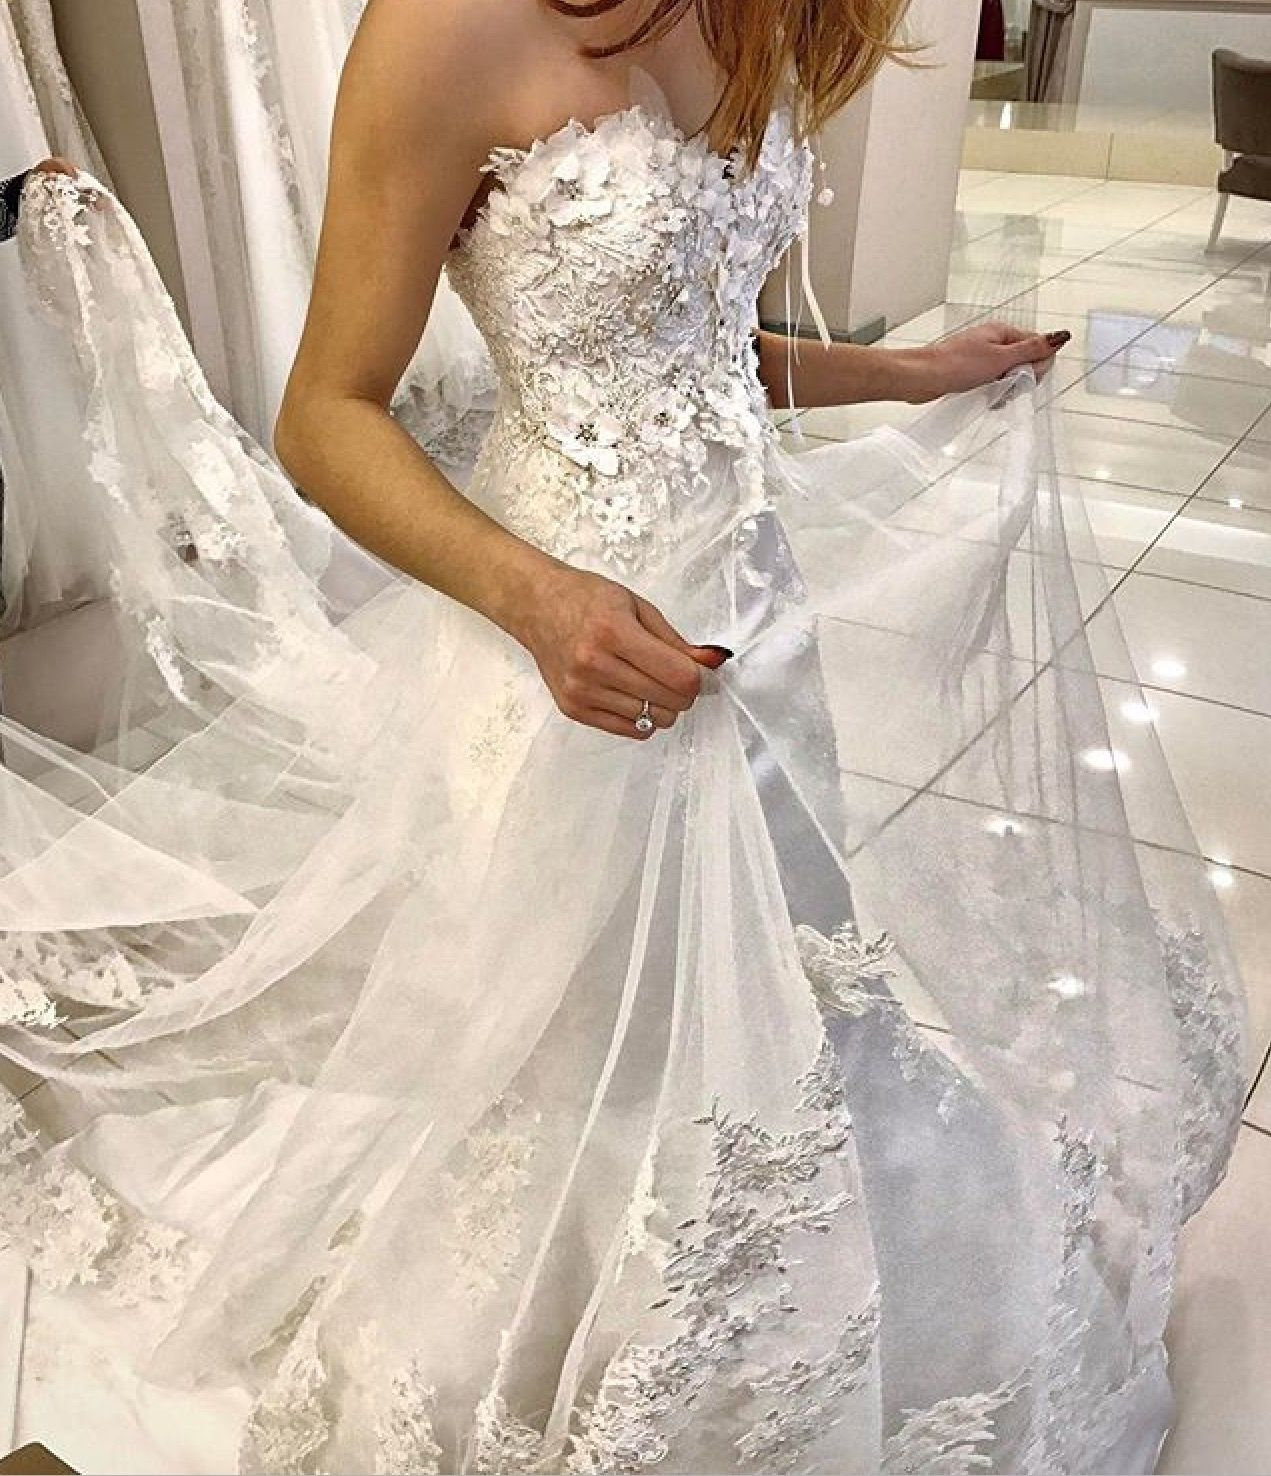 0212caac73df0 Üç boyutlu gelinlik, çiçekli gelinlik, 2017 gelinlik modelleri, Wedding  dresses, flower Wedding